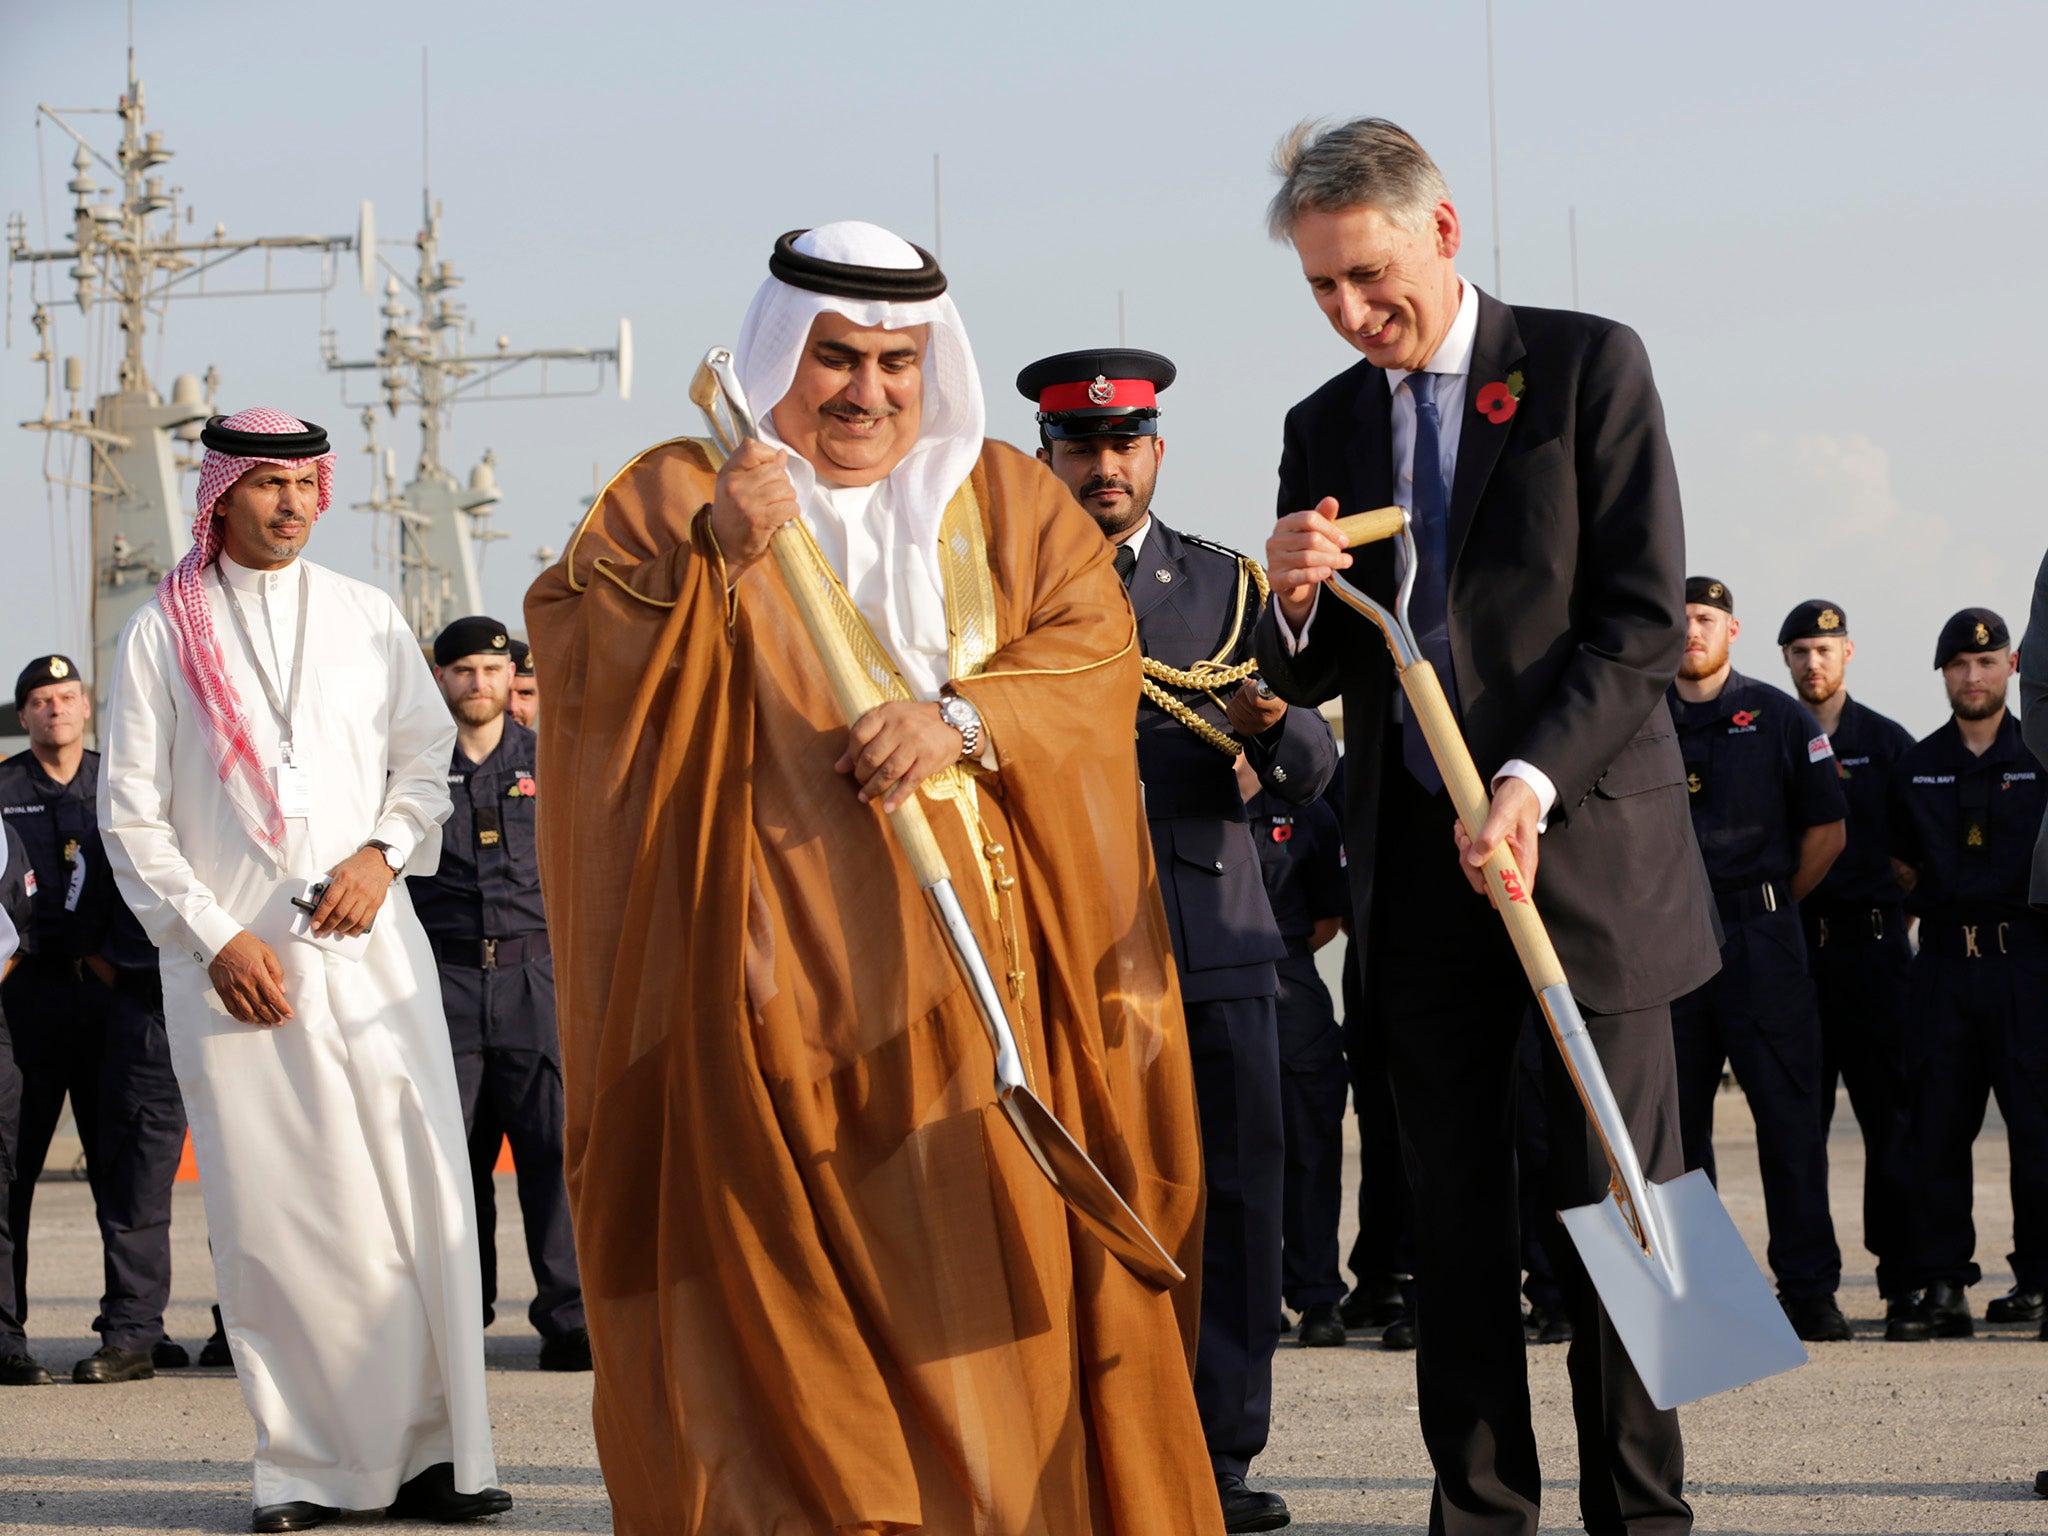 توضیحات وزارت امور خارجه بریتانیا در خصوص شکنجه زندانیان سیاسی در بحرین